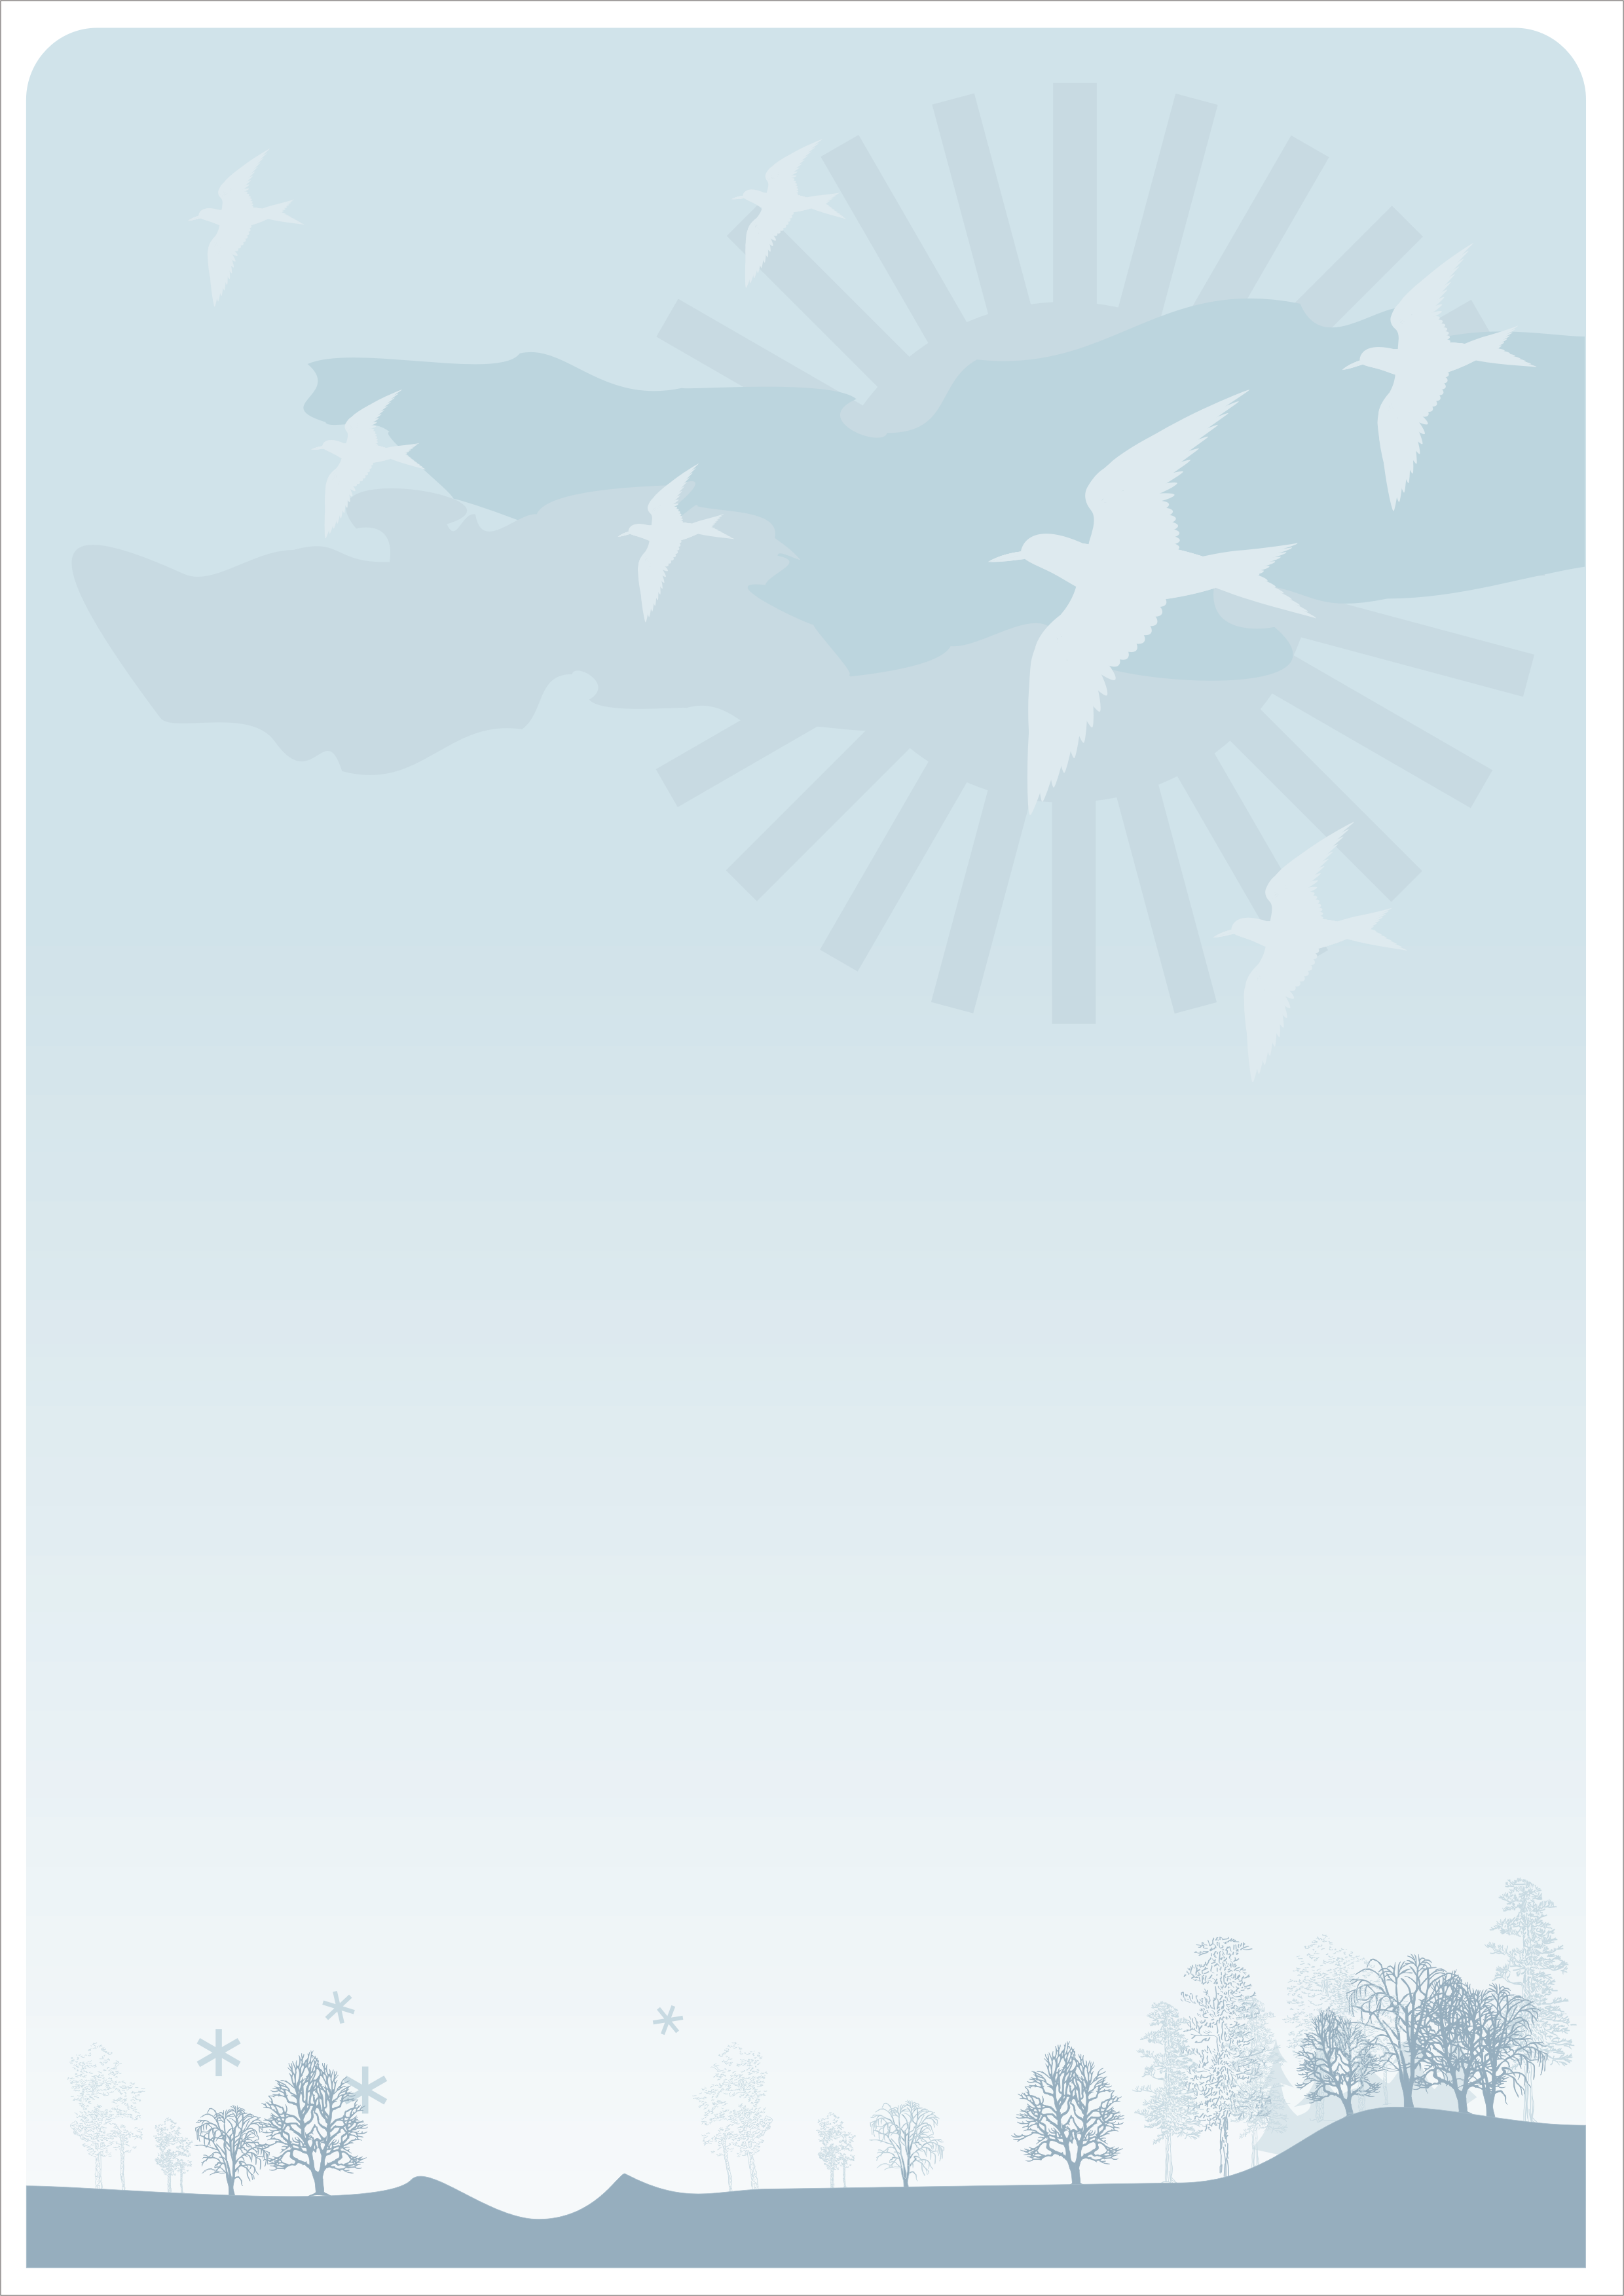 Letter Background Birds by leboef on DeviantArt